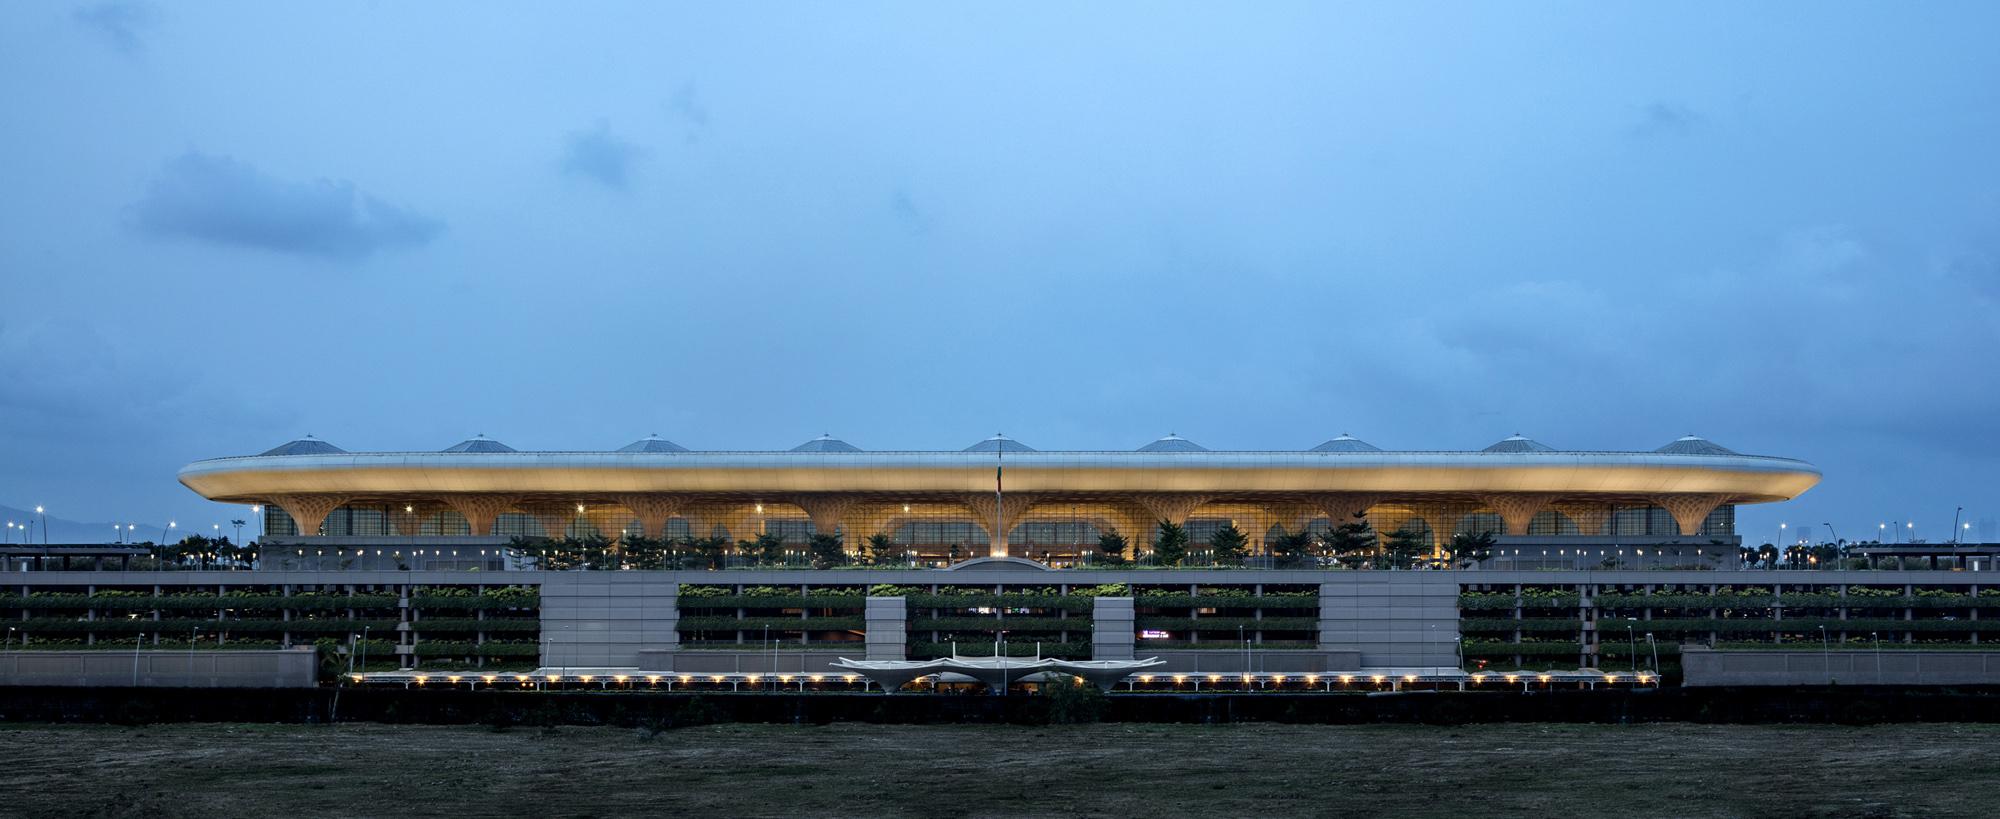 MumbaiAirport_001.jpg